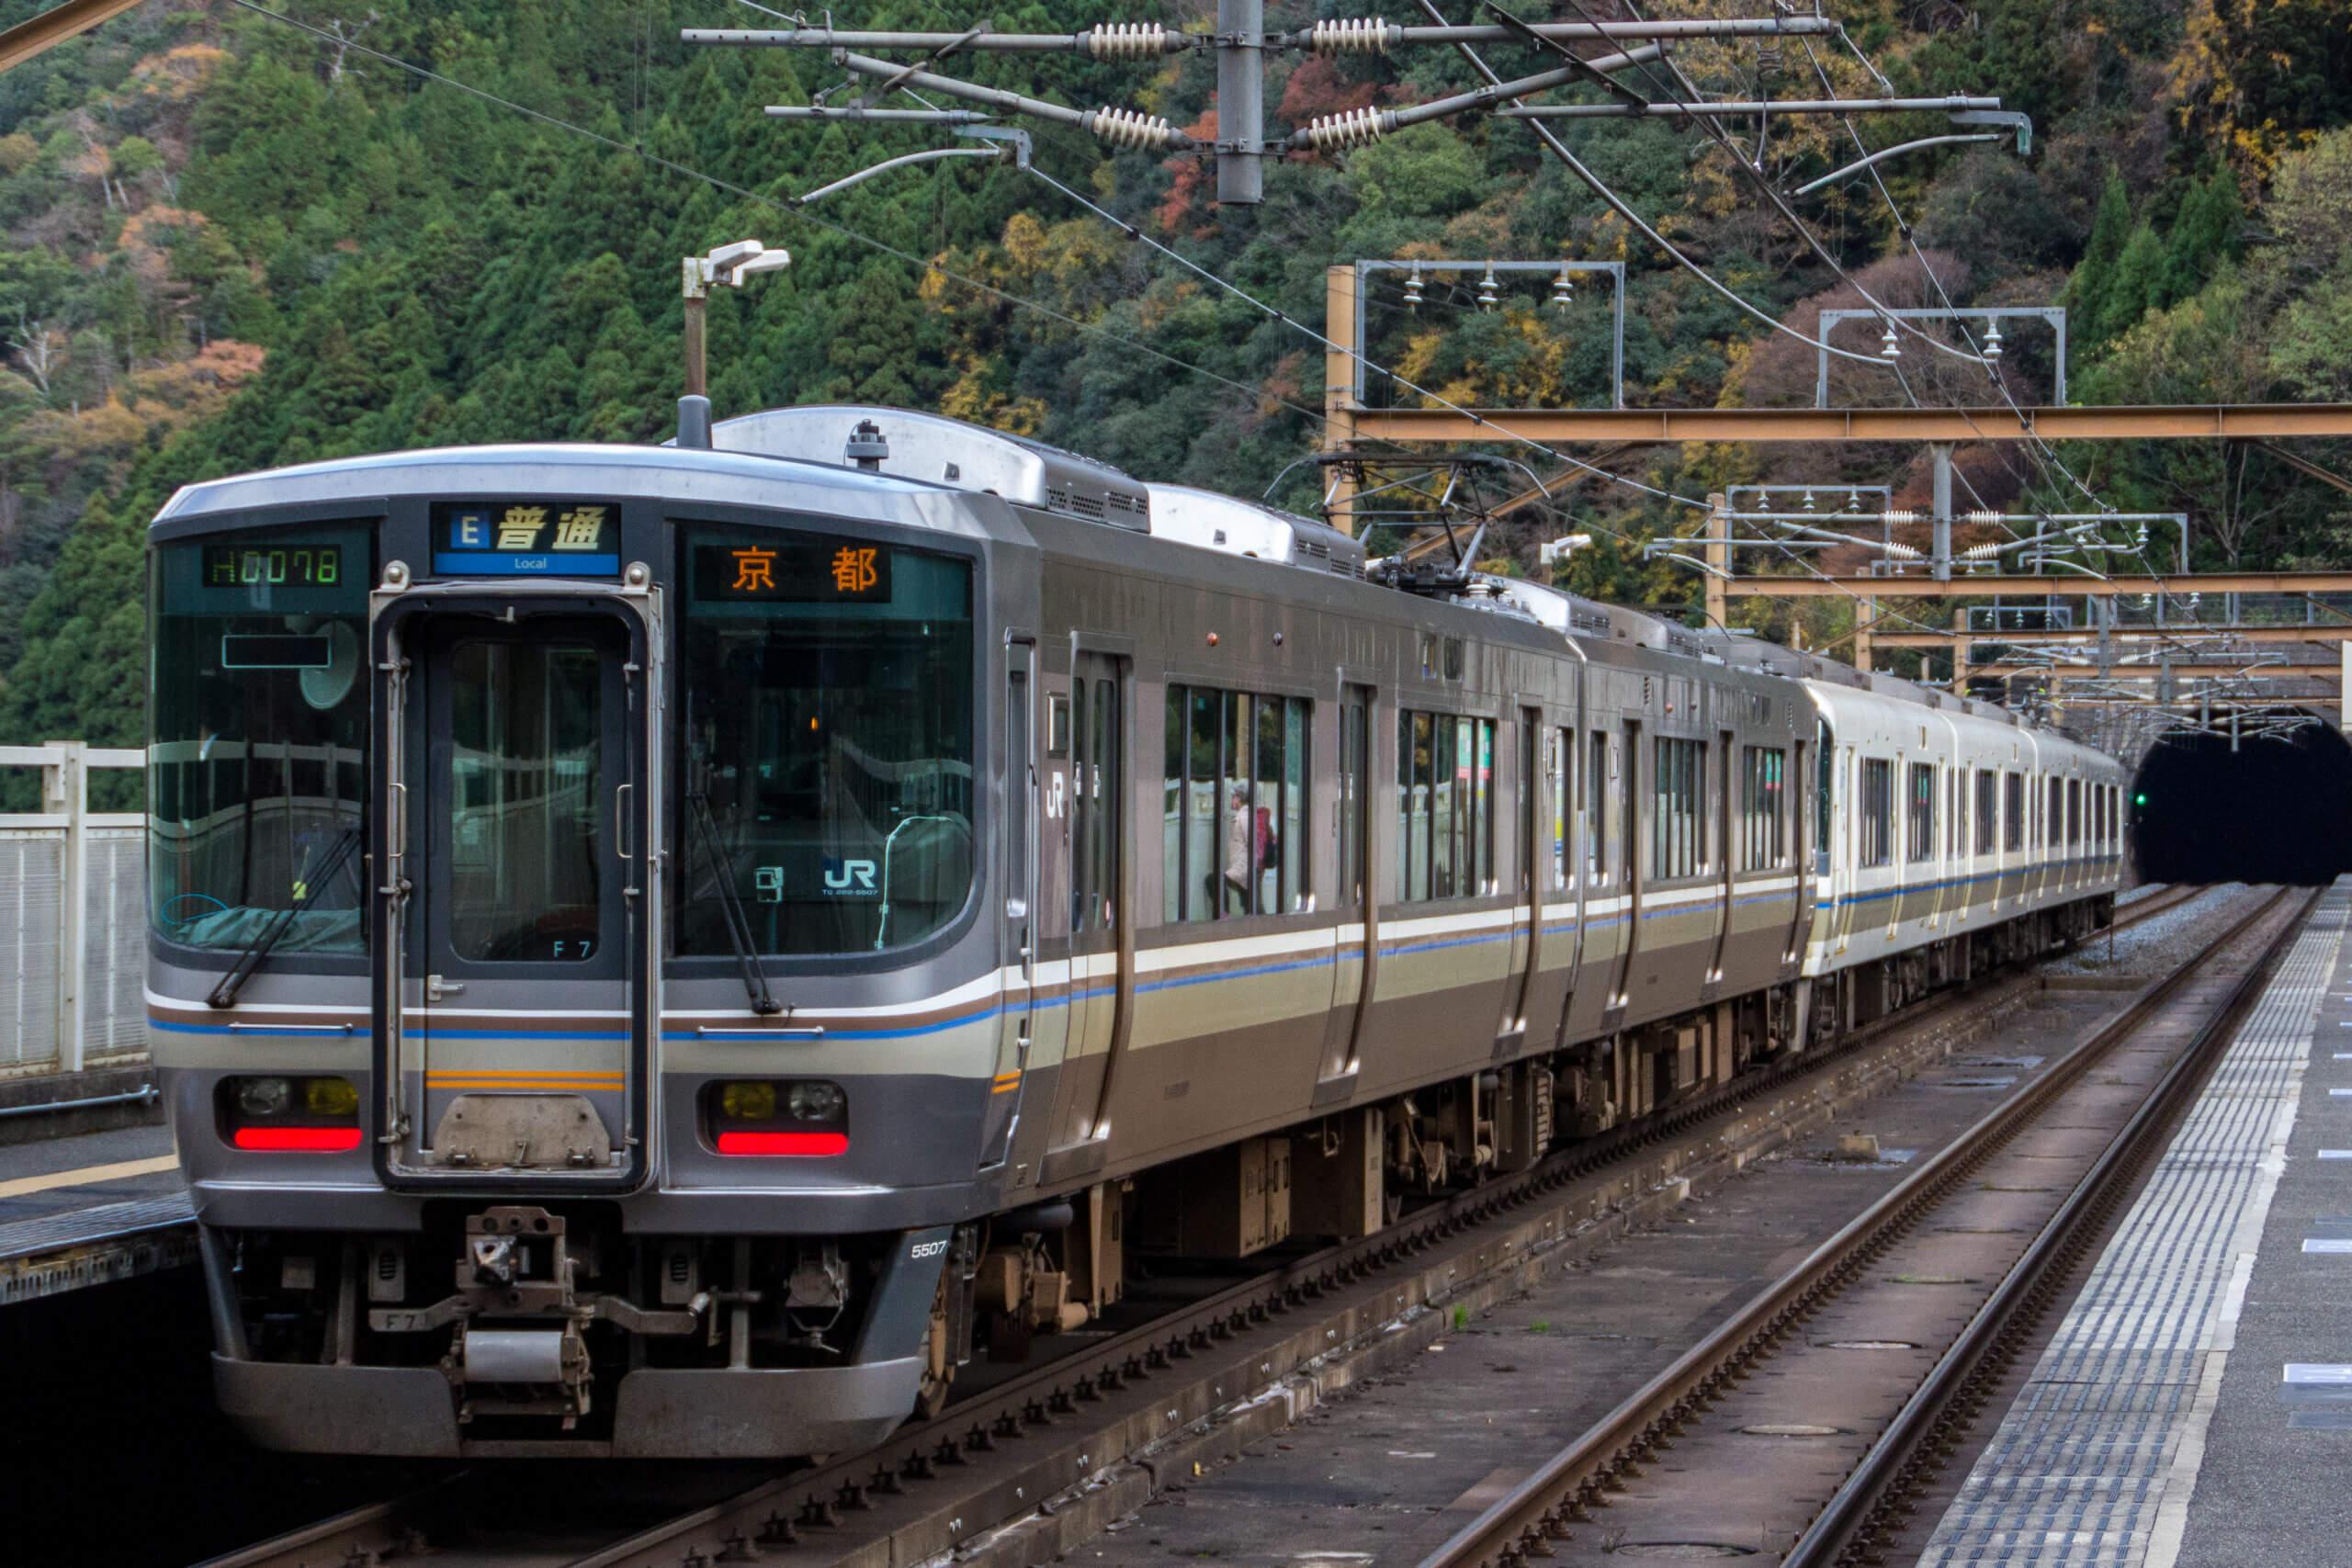 快速格下げと特急減便と終列車繰り上げと JR西日本福知山支社・京都丹後鉄道ダイヤ改正(2021年3月13日)